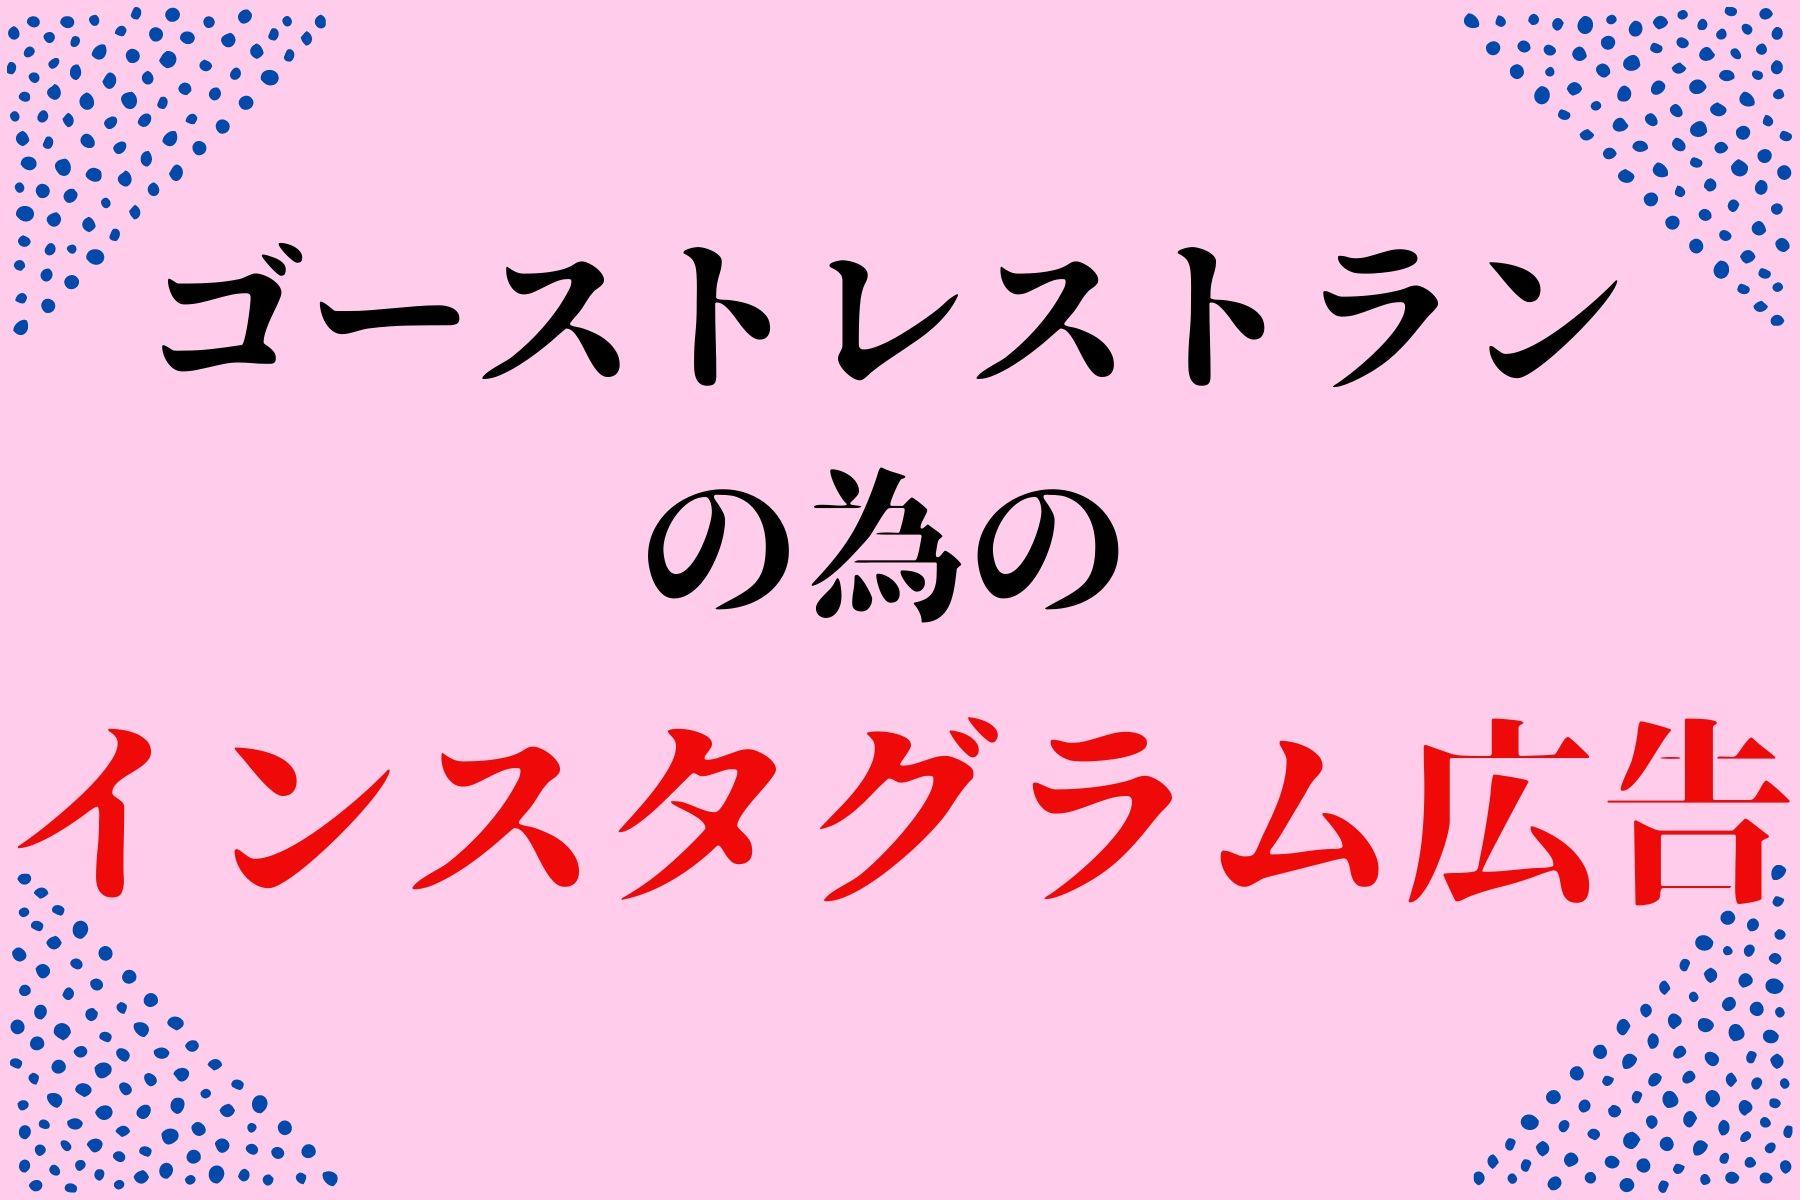 ゴーストレストランの為のインスタグラム広告【2回目】